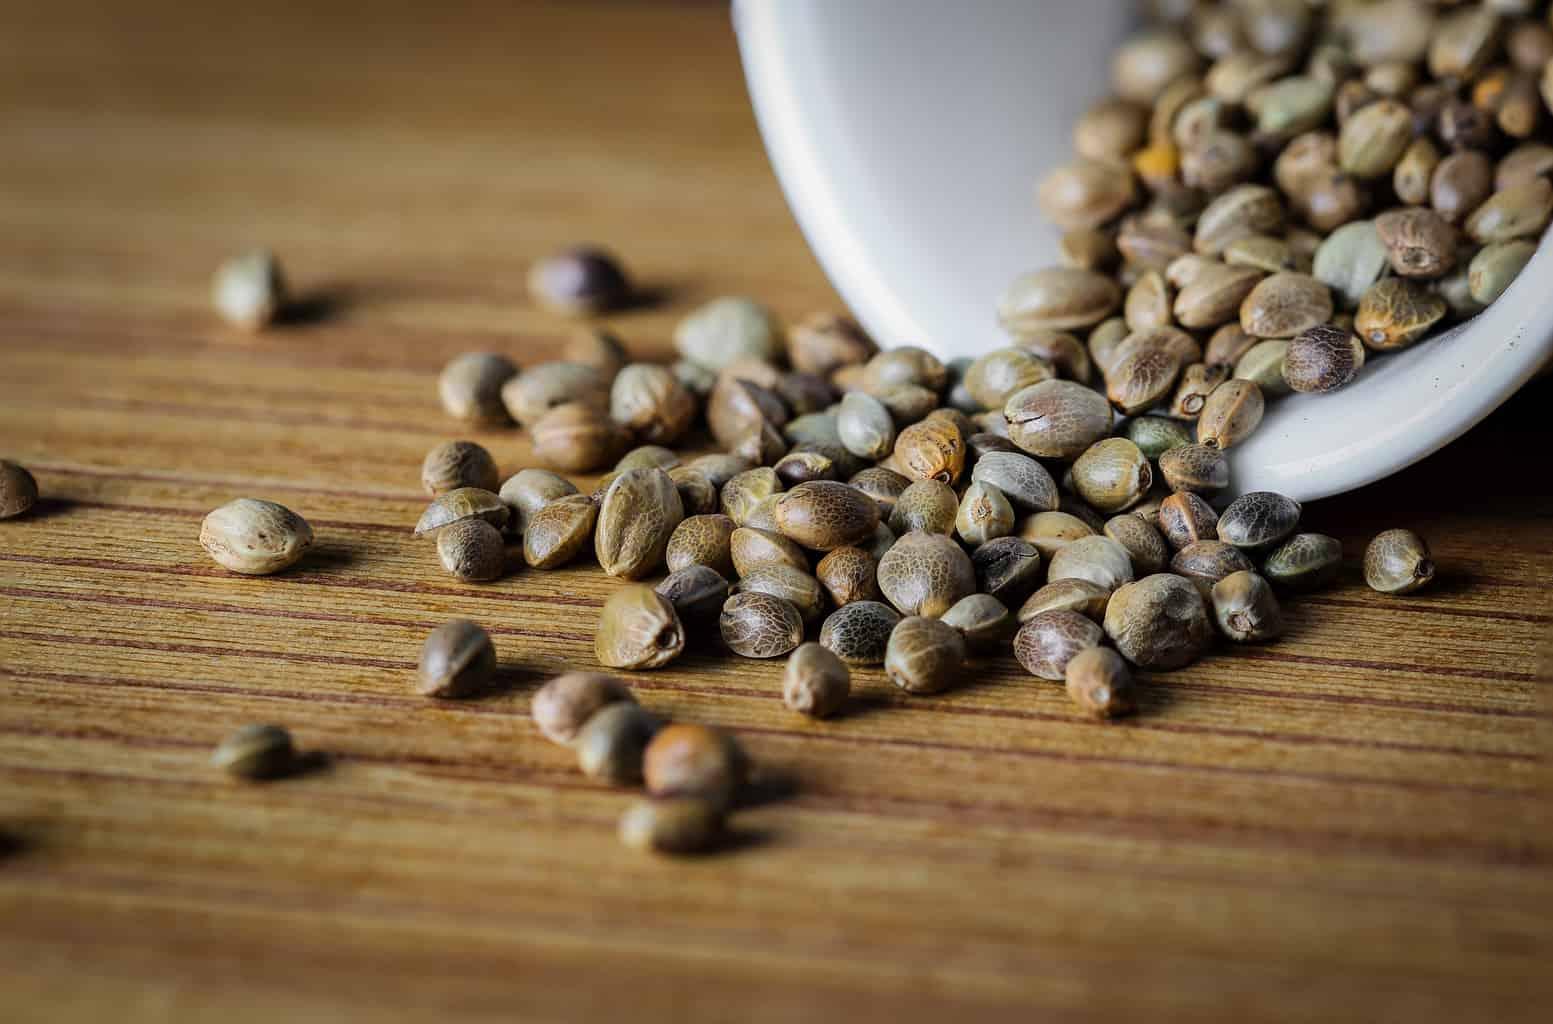 Семена Конопли: в чем их удивительная польза для здоровья?